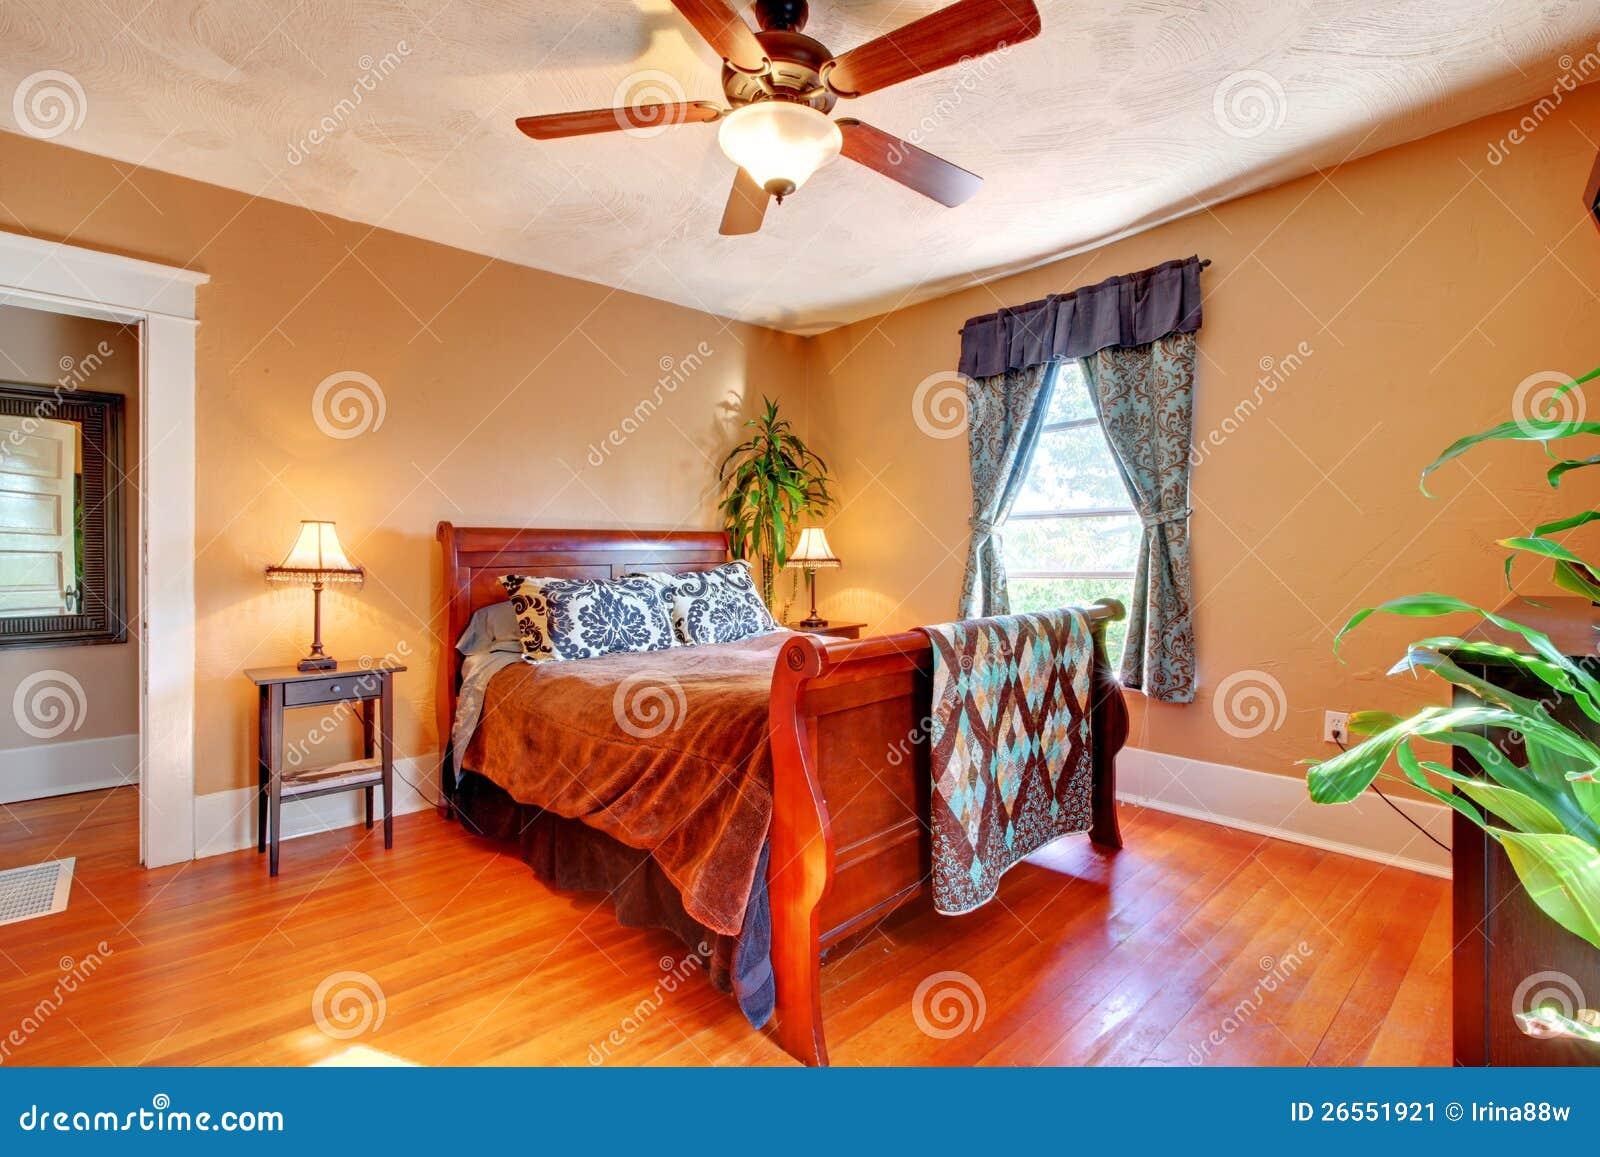 Lege ruimte met bruine muren en hardhoutvloer. stock foto's ...